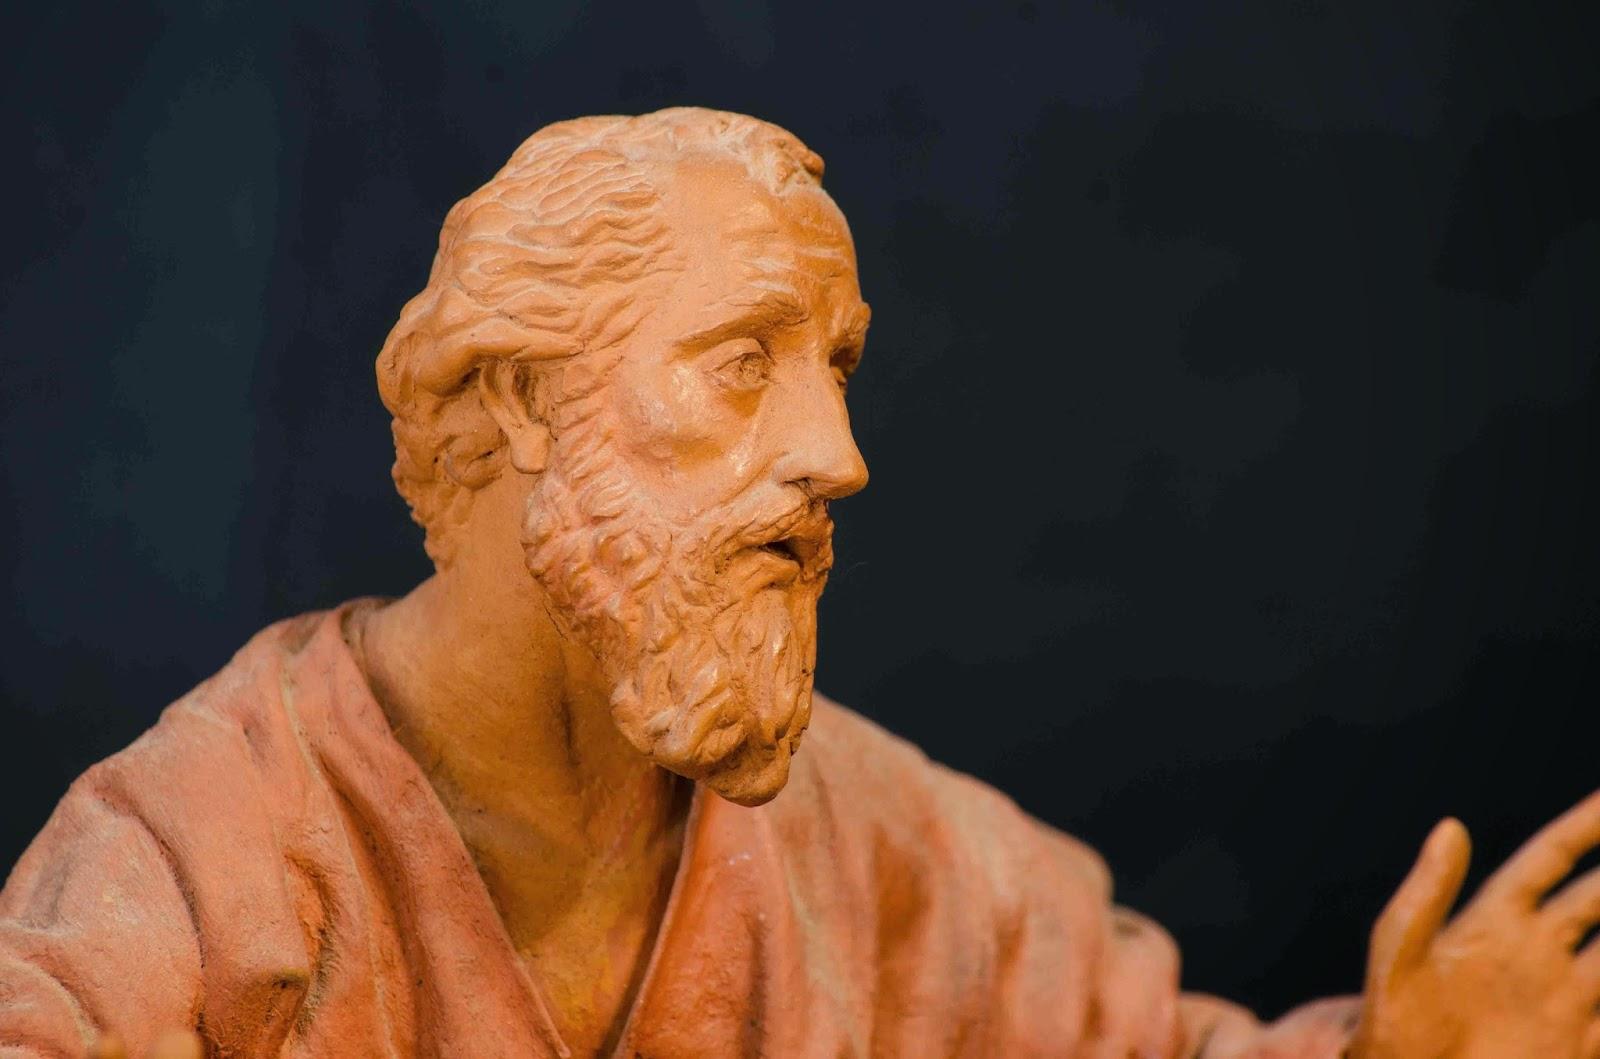 Discípulos de Emaús Semana Santa Jumilla Murcia escultura 9